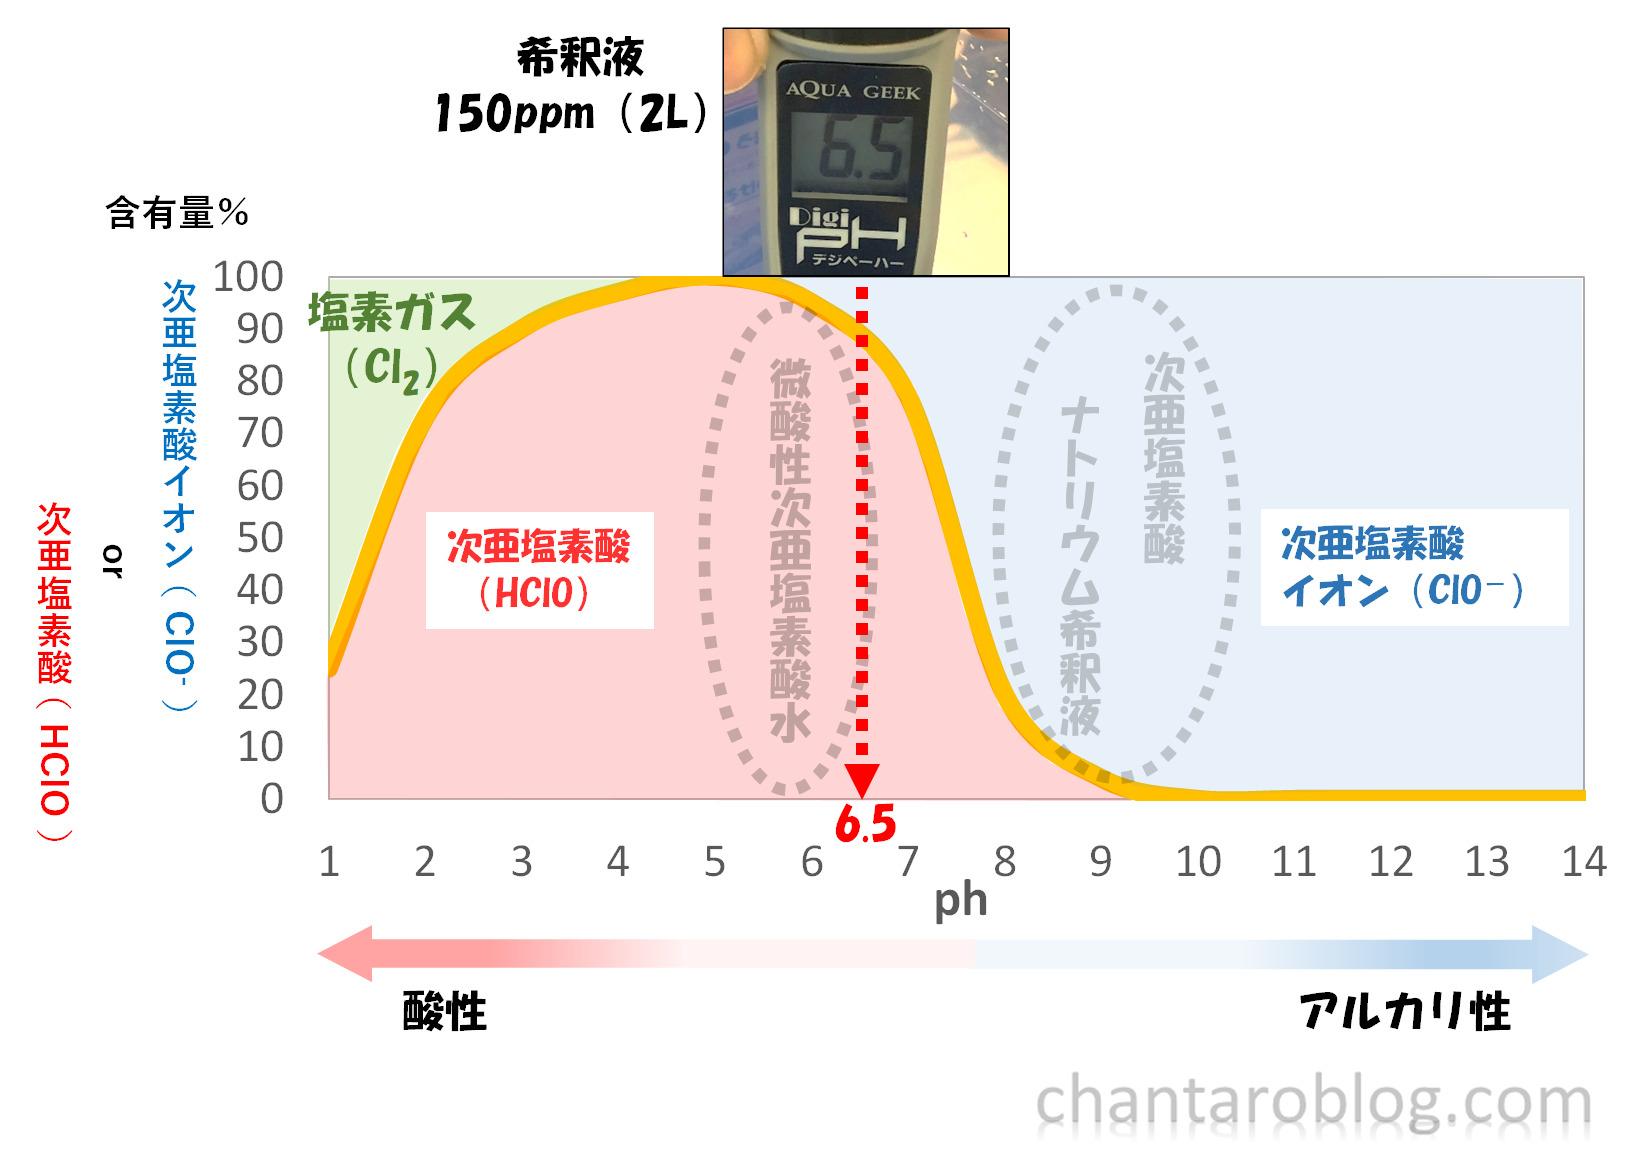 つけるだけのタブレットで作った溶液の、ph測定結果。